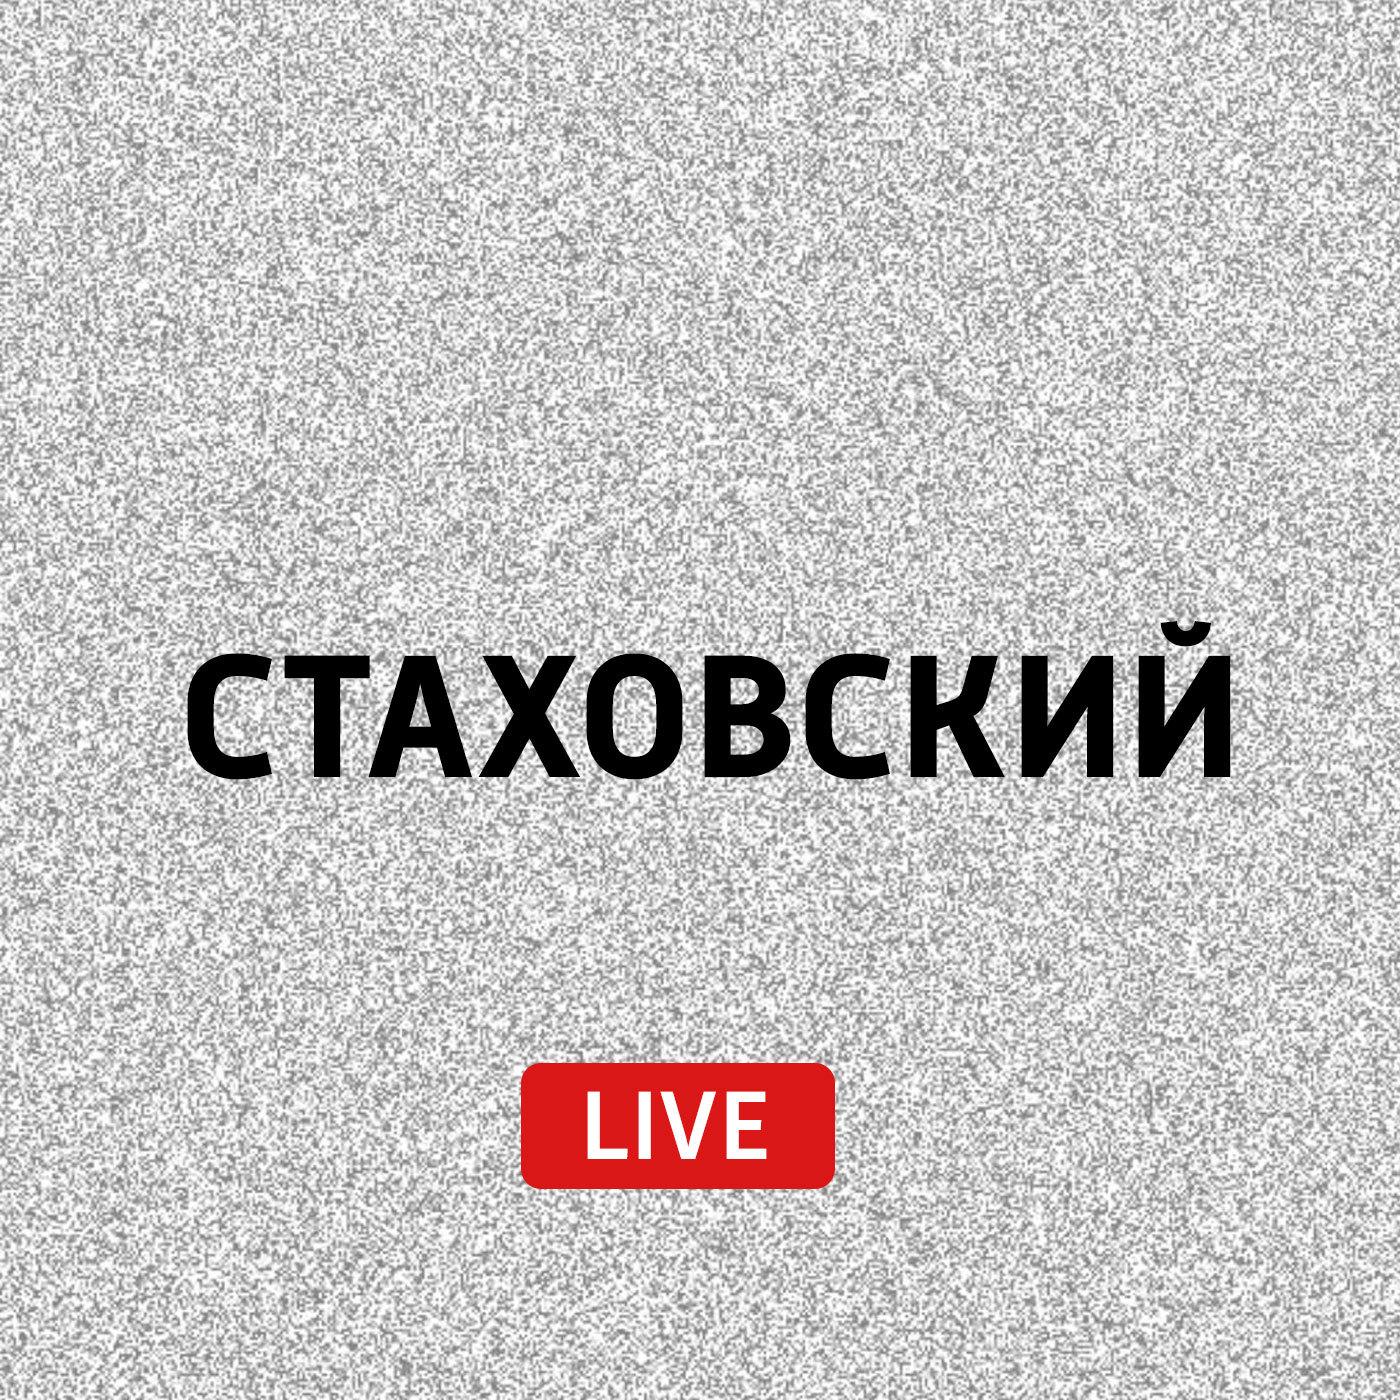 Евгений Стаховский О полноте жизни, сингулярности и Джони Митчелл скейты quicksilver отзывы